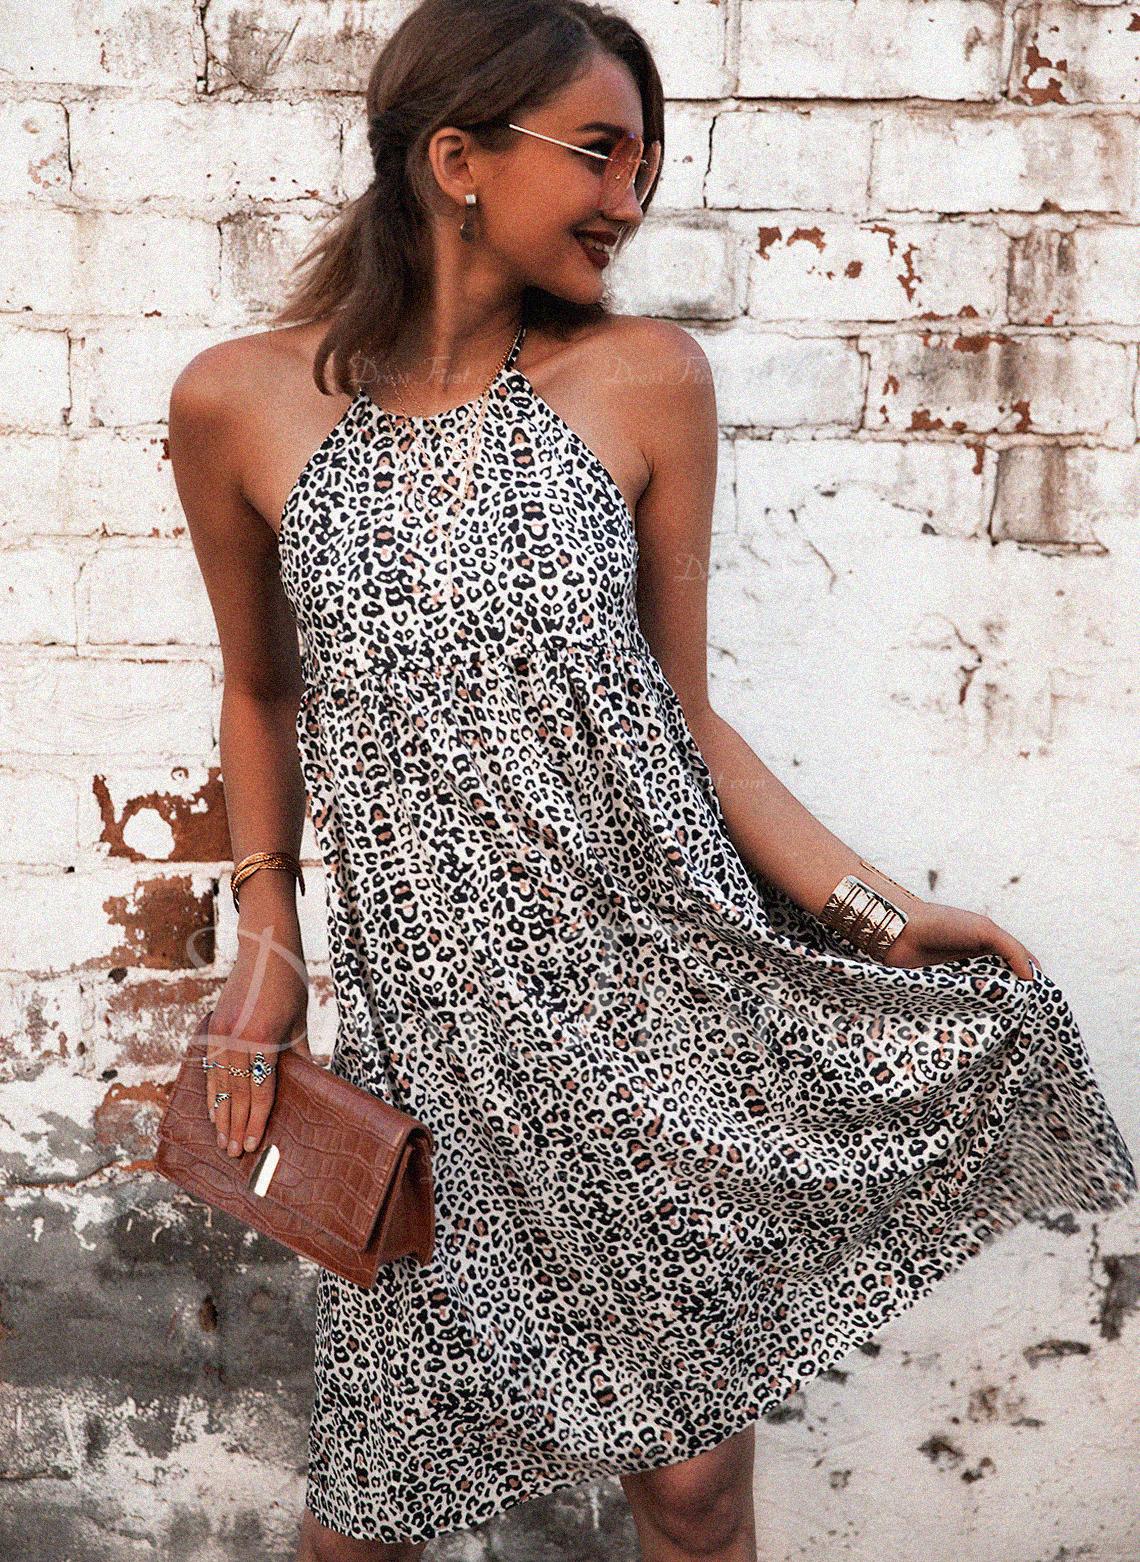 leopardo Stampa Abiti dritti Senza maniche Mini Casuale Vestiti di moda